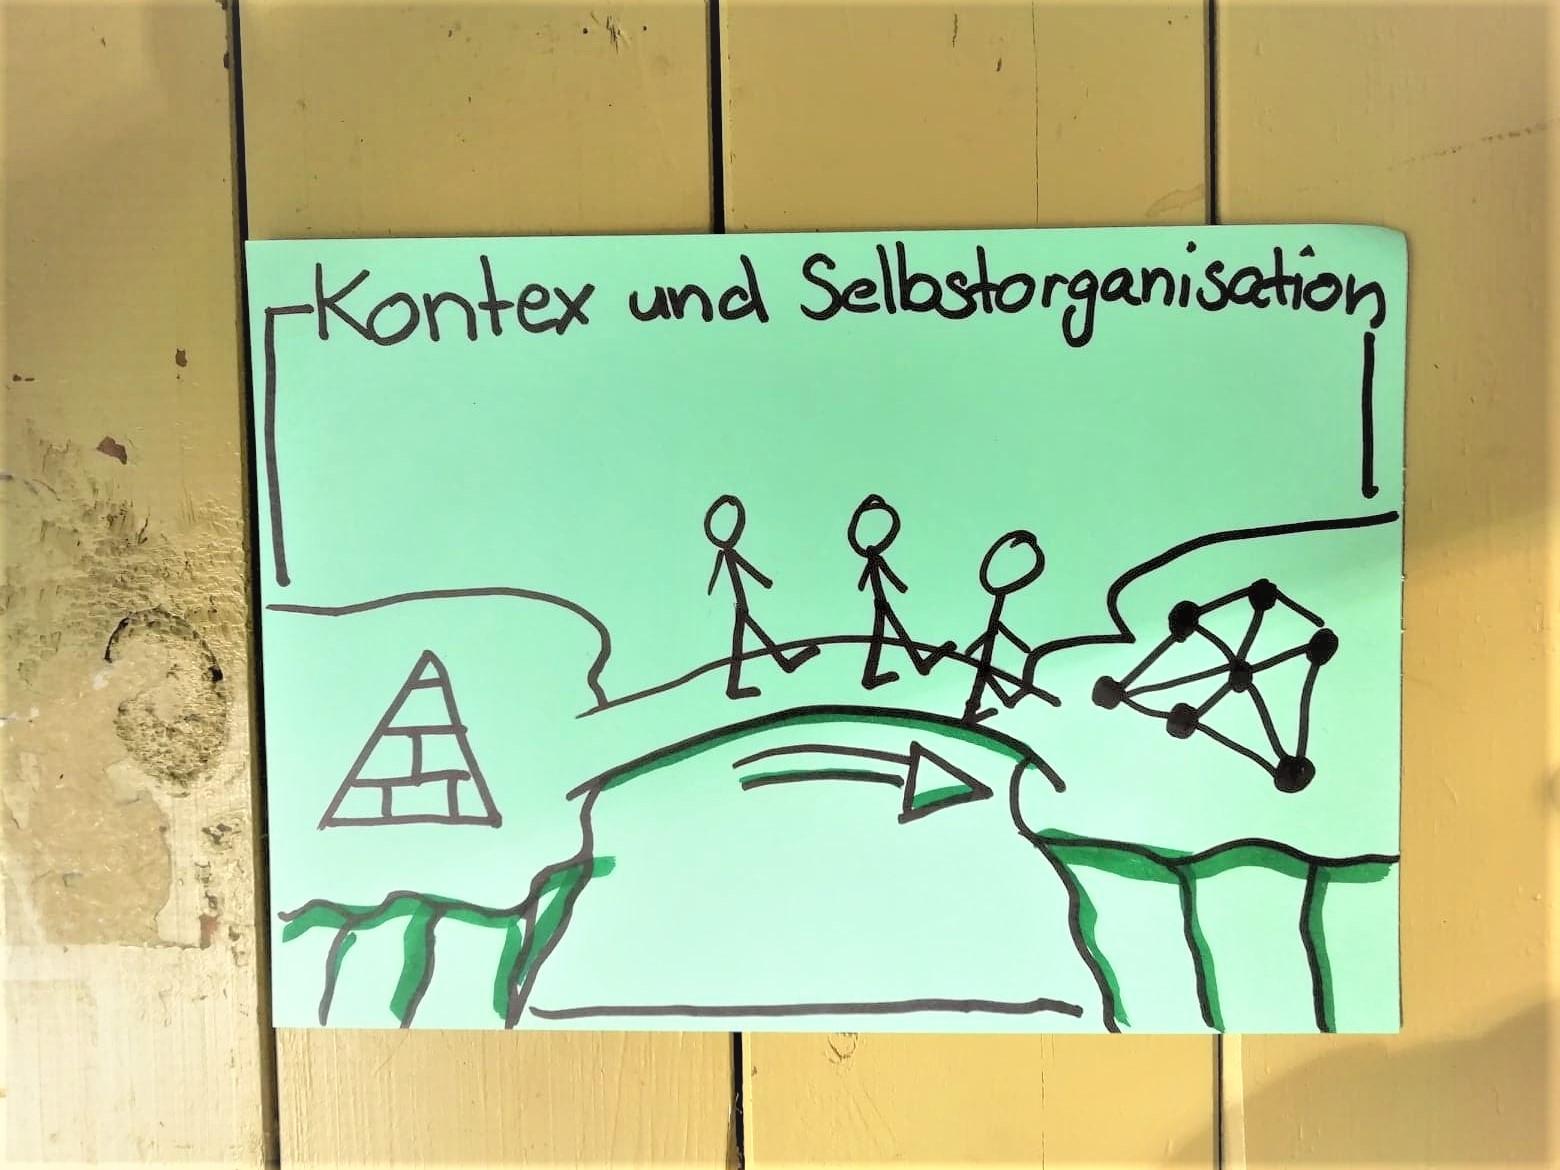 Kontext und Selbstorganisation.jpg